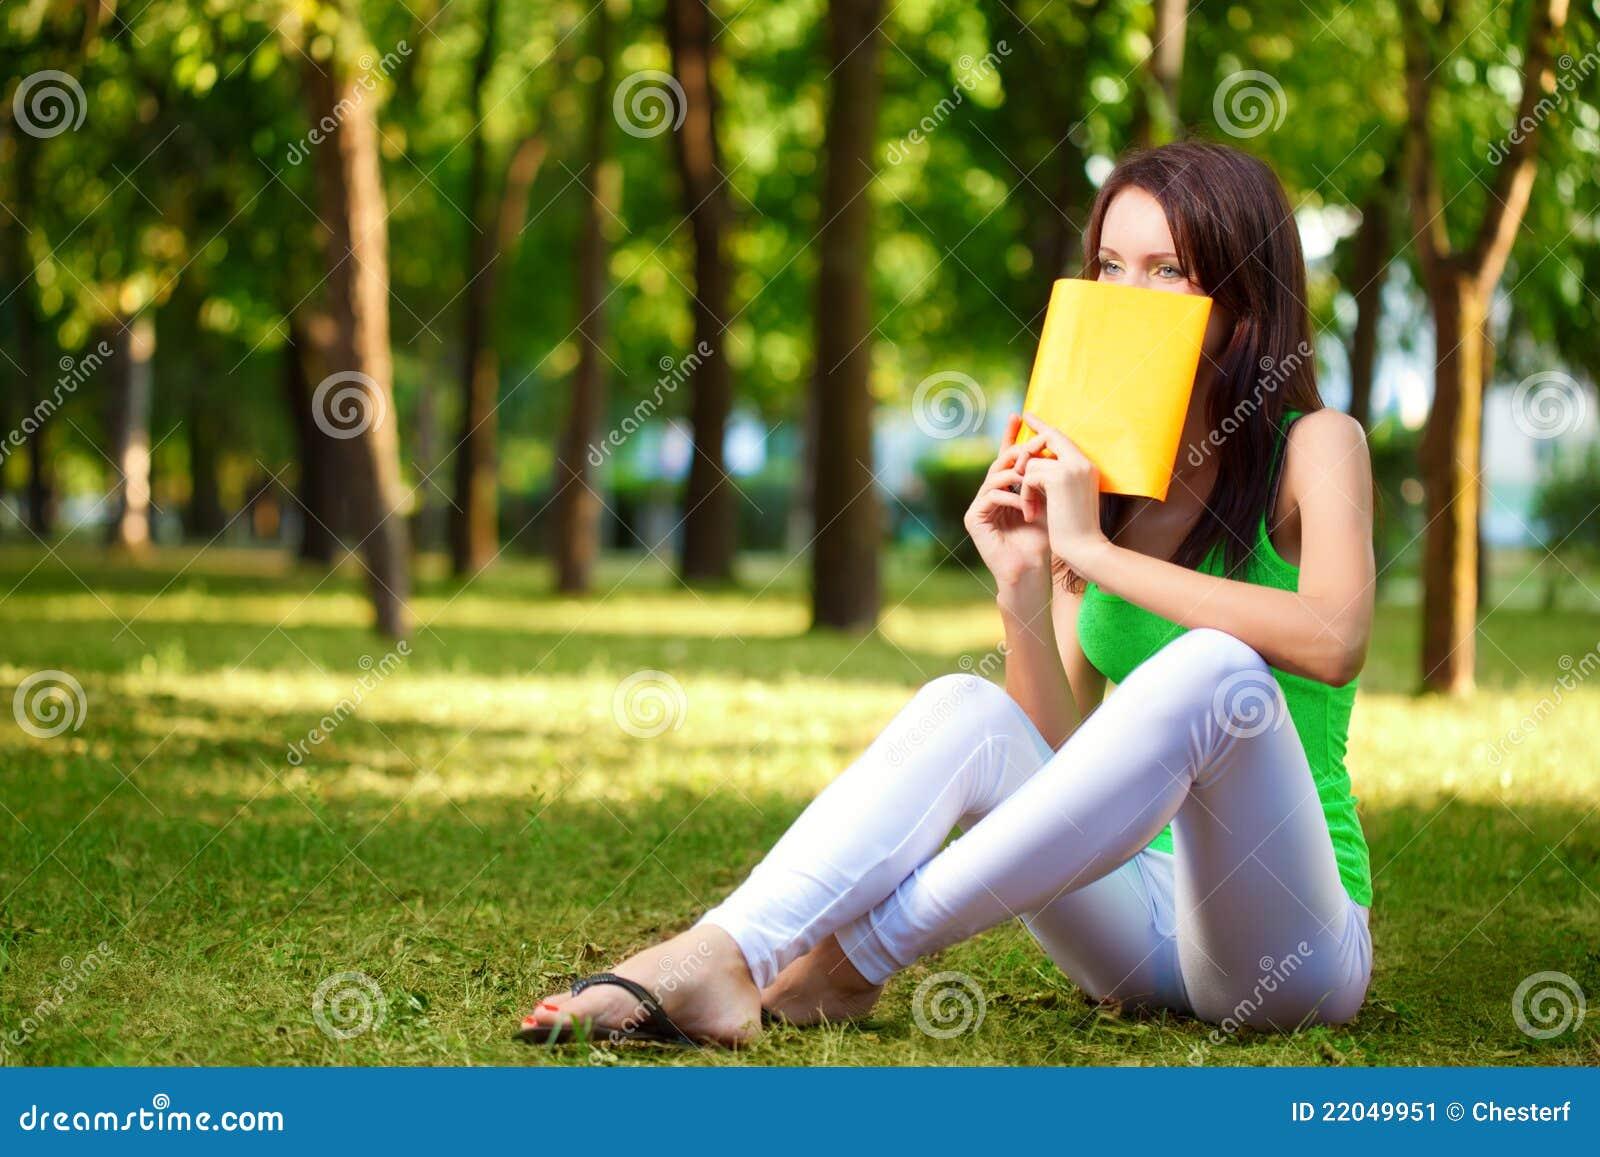 Студентка в парке 8 фотография